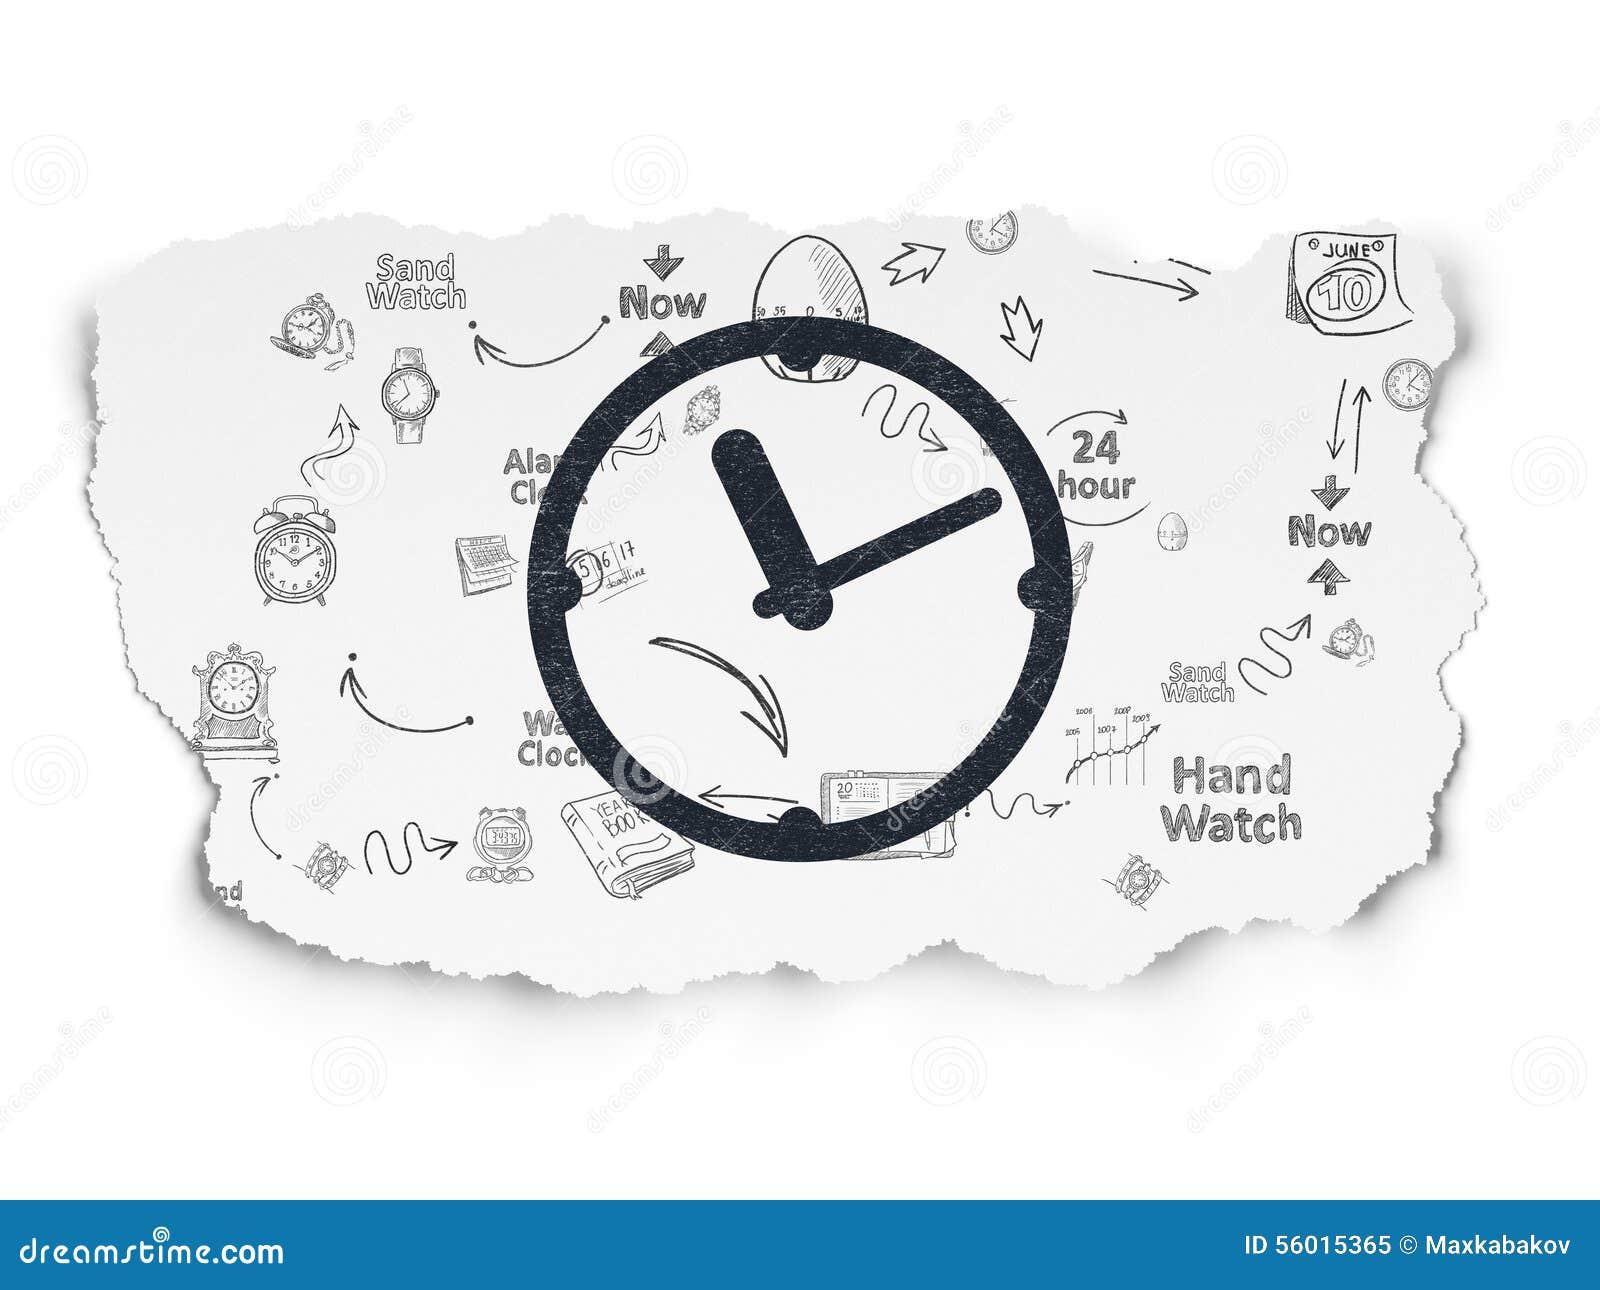 Concepto de la cronolog a reloj en fondo de papel rasgado - Reloj pintado en la pared ...